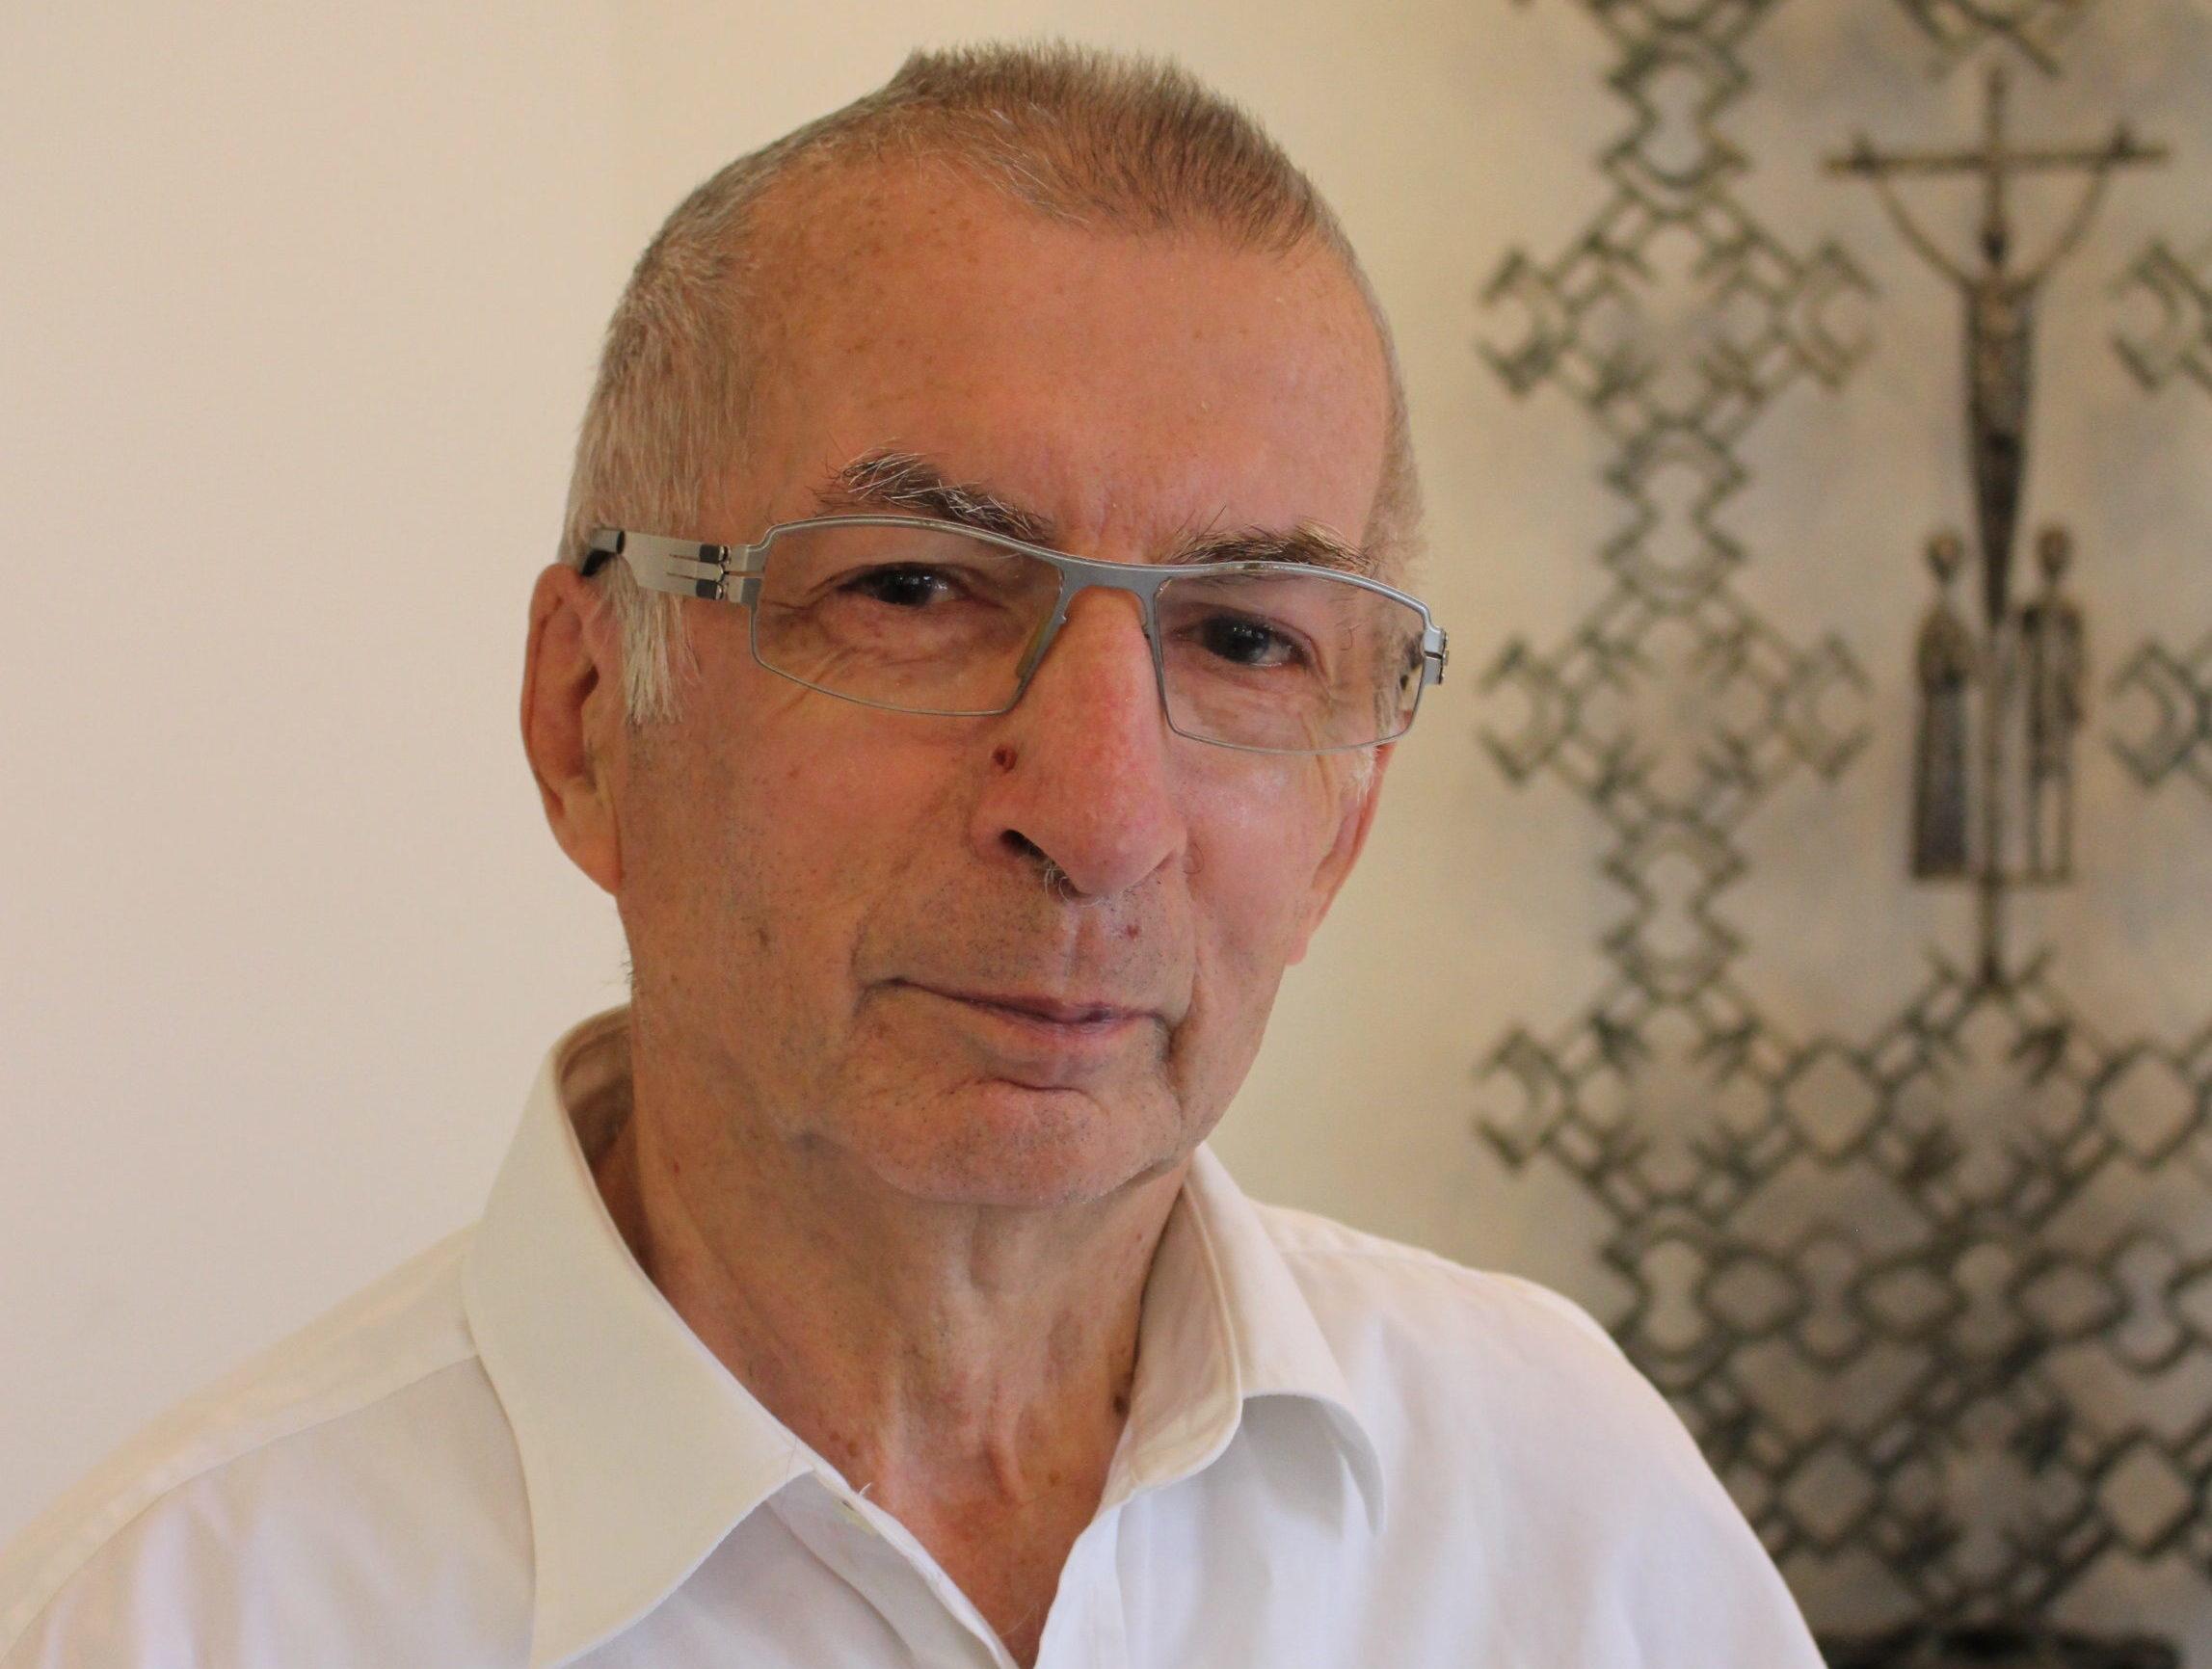 Pfarrer Werner: Gute Wünsche für den Ruhestand